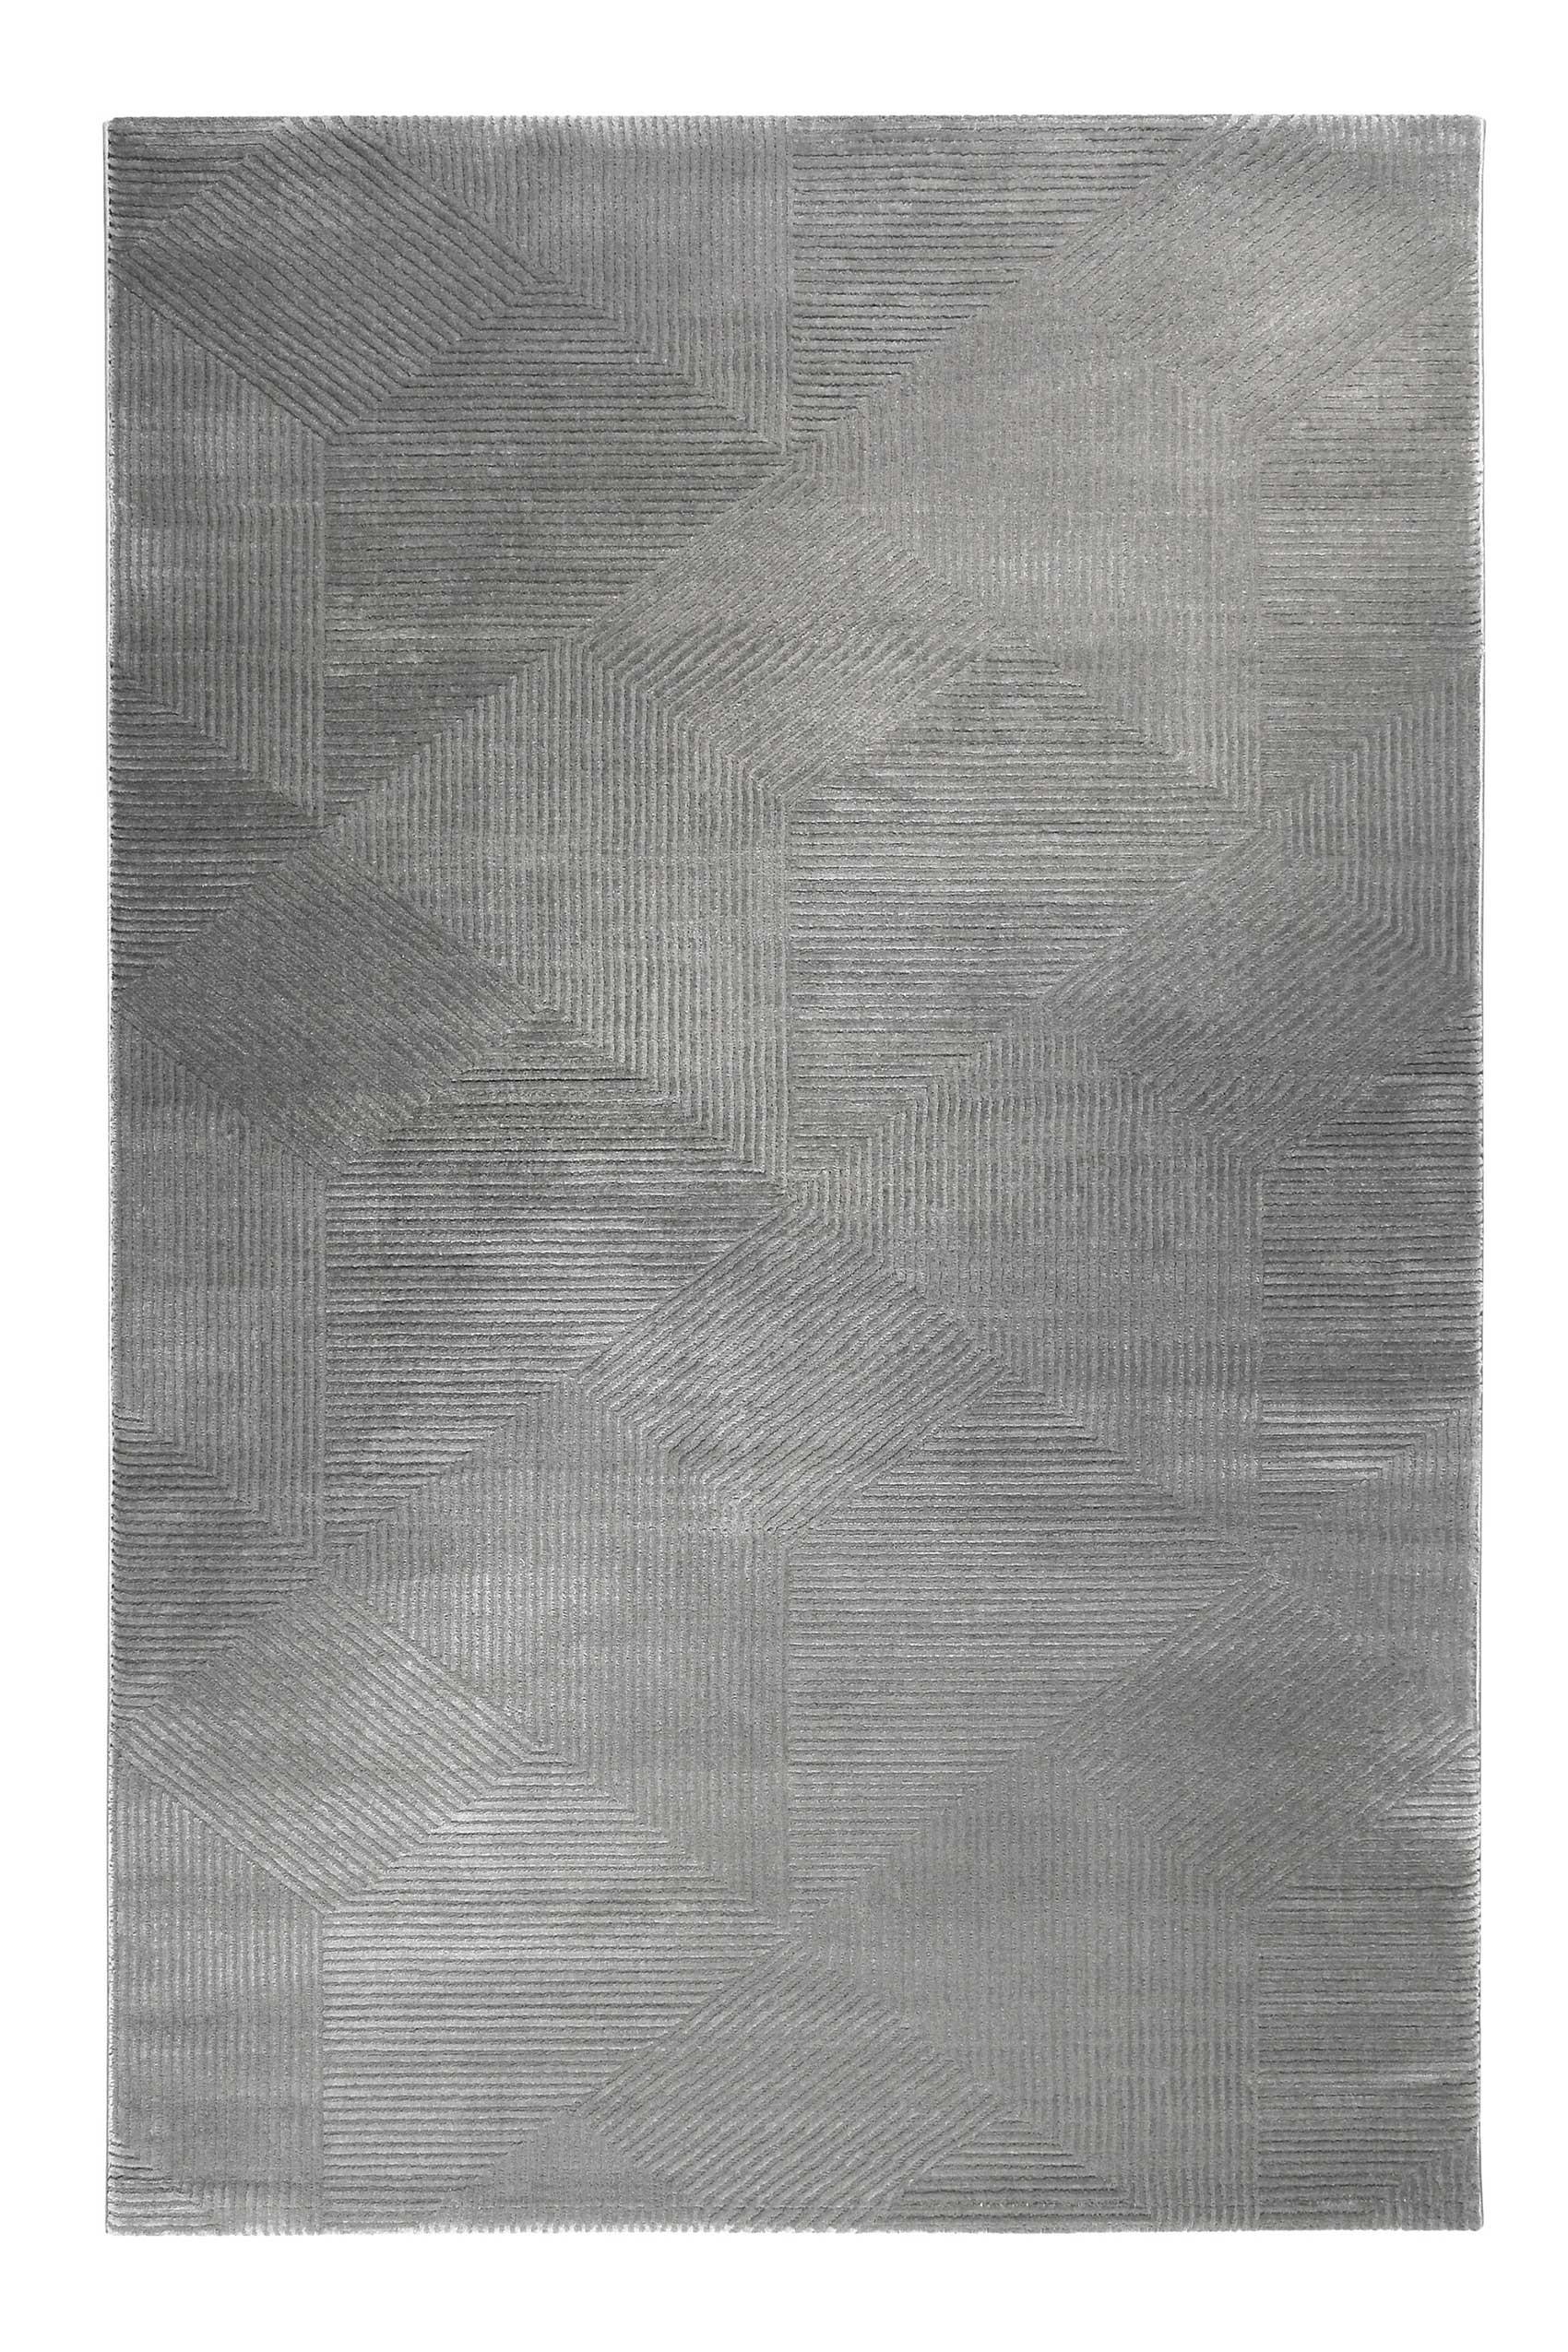 Tapis motif géométrique à relief gris taupe 225x160